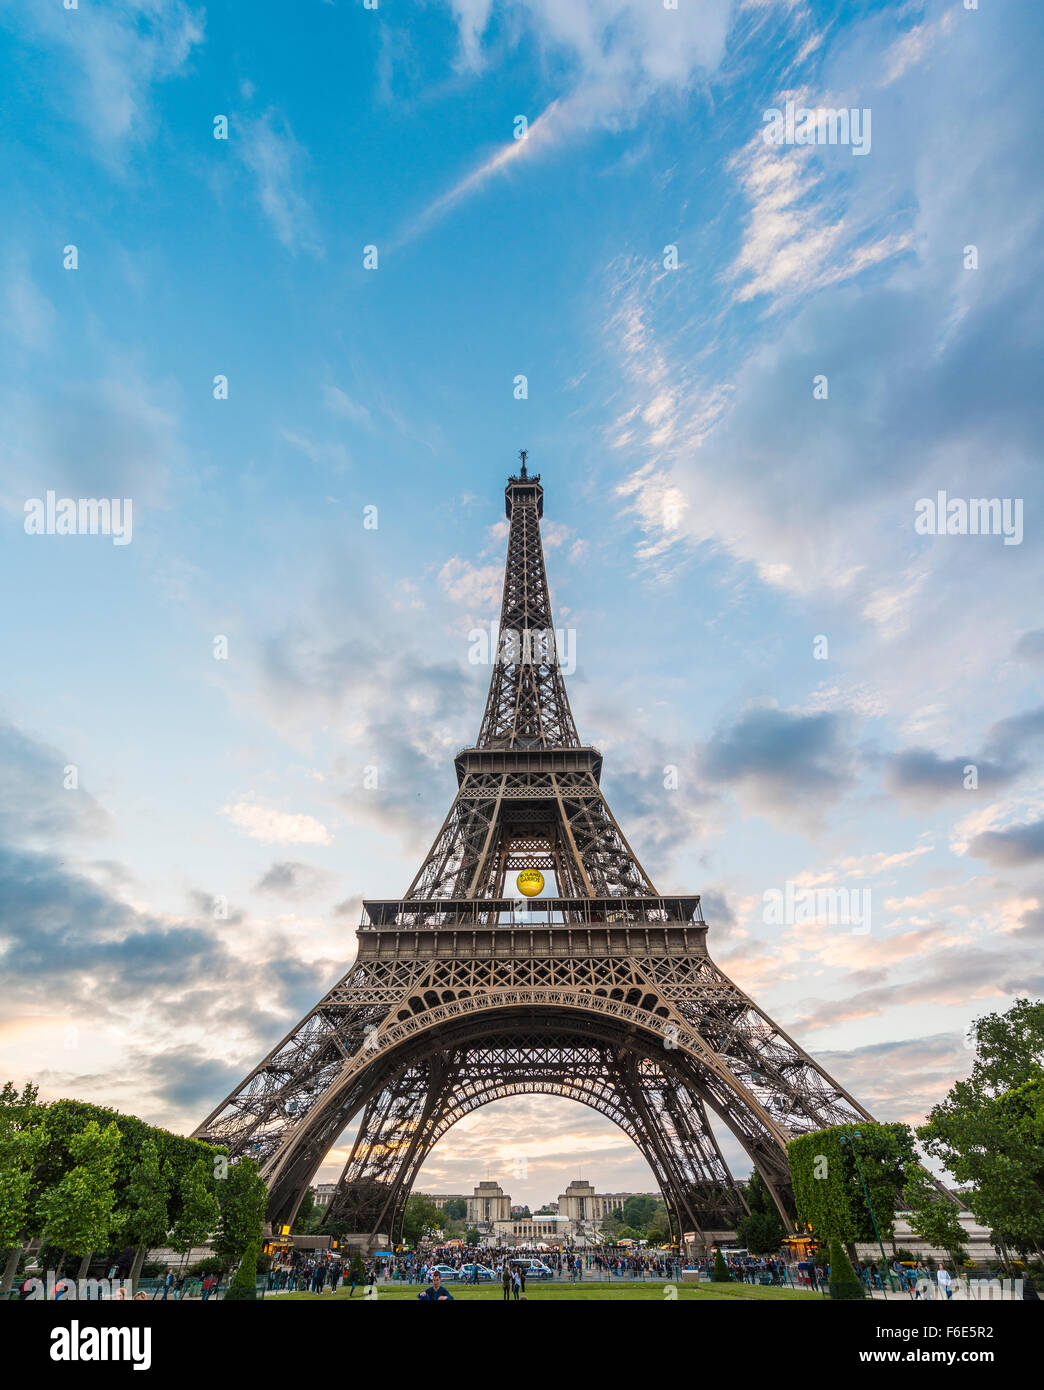 Evening mood, Eiffel Tower, Champ de Mars, Paris, Ile-de-France, France - Stock Image